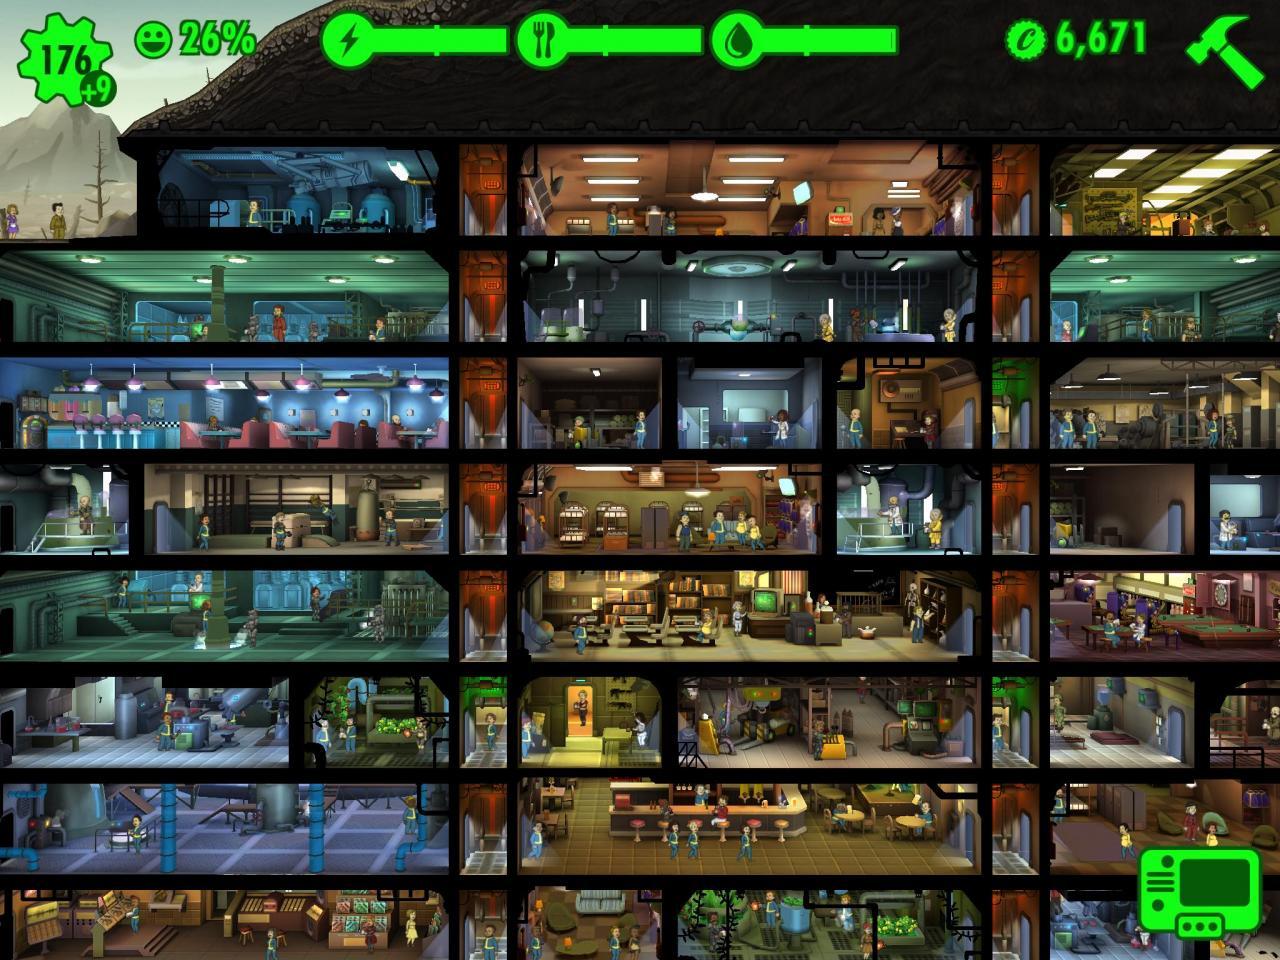 Mysteriöser schnell fremder shelter finden fallout Warum kann